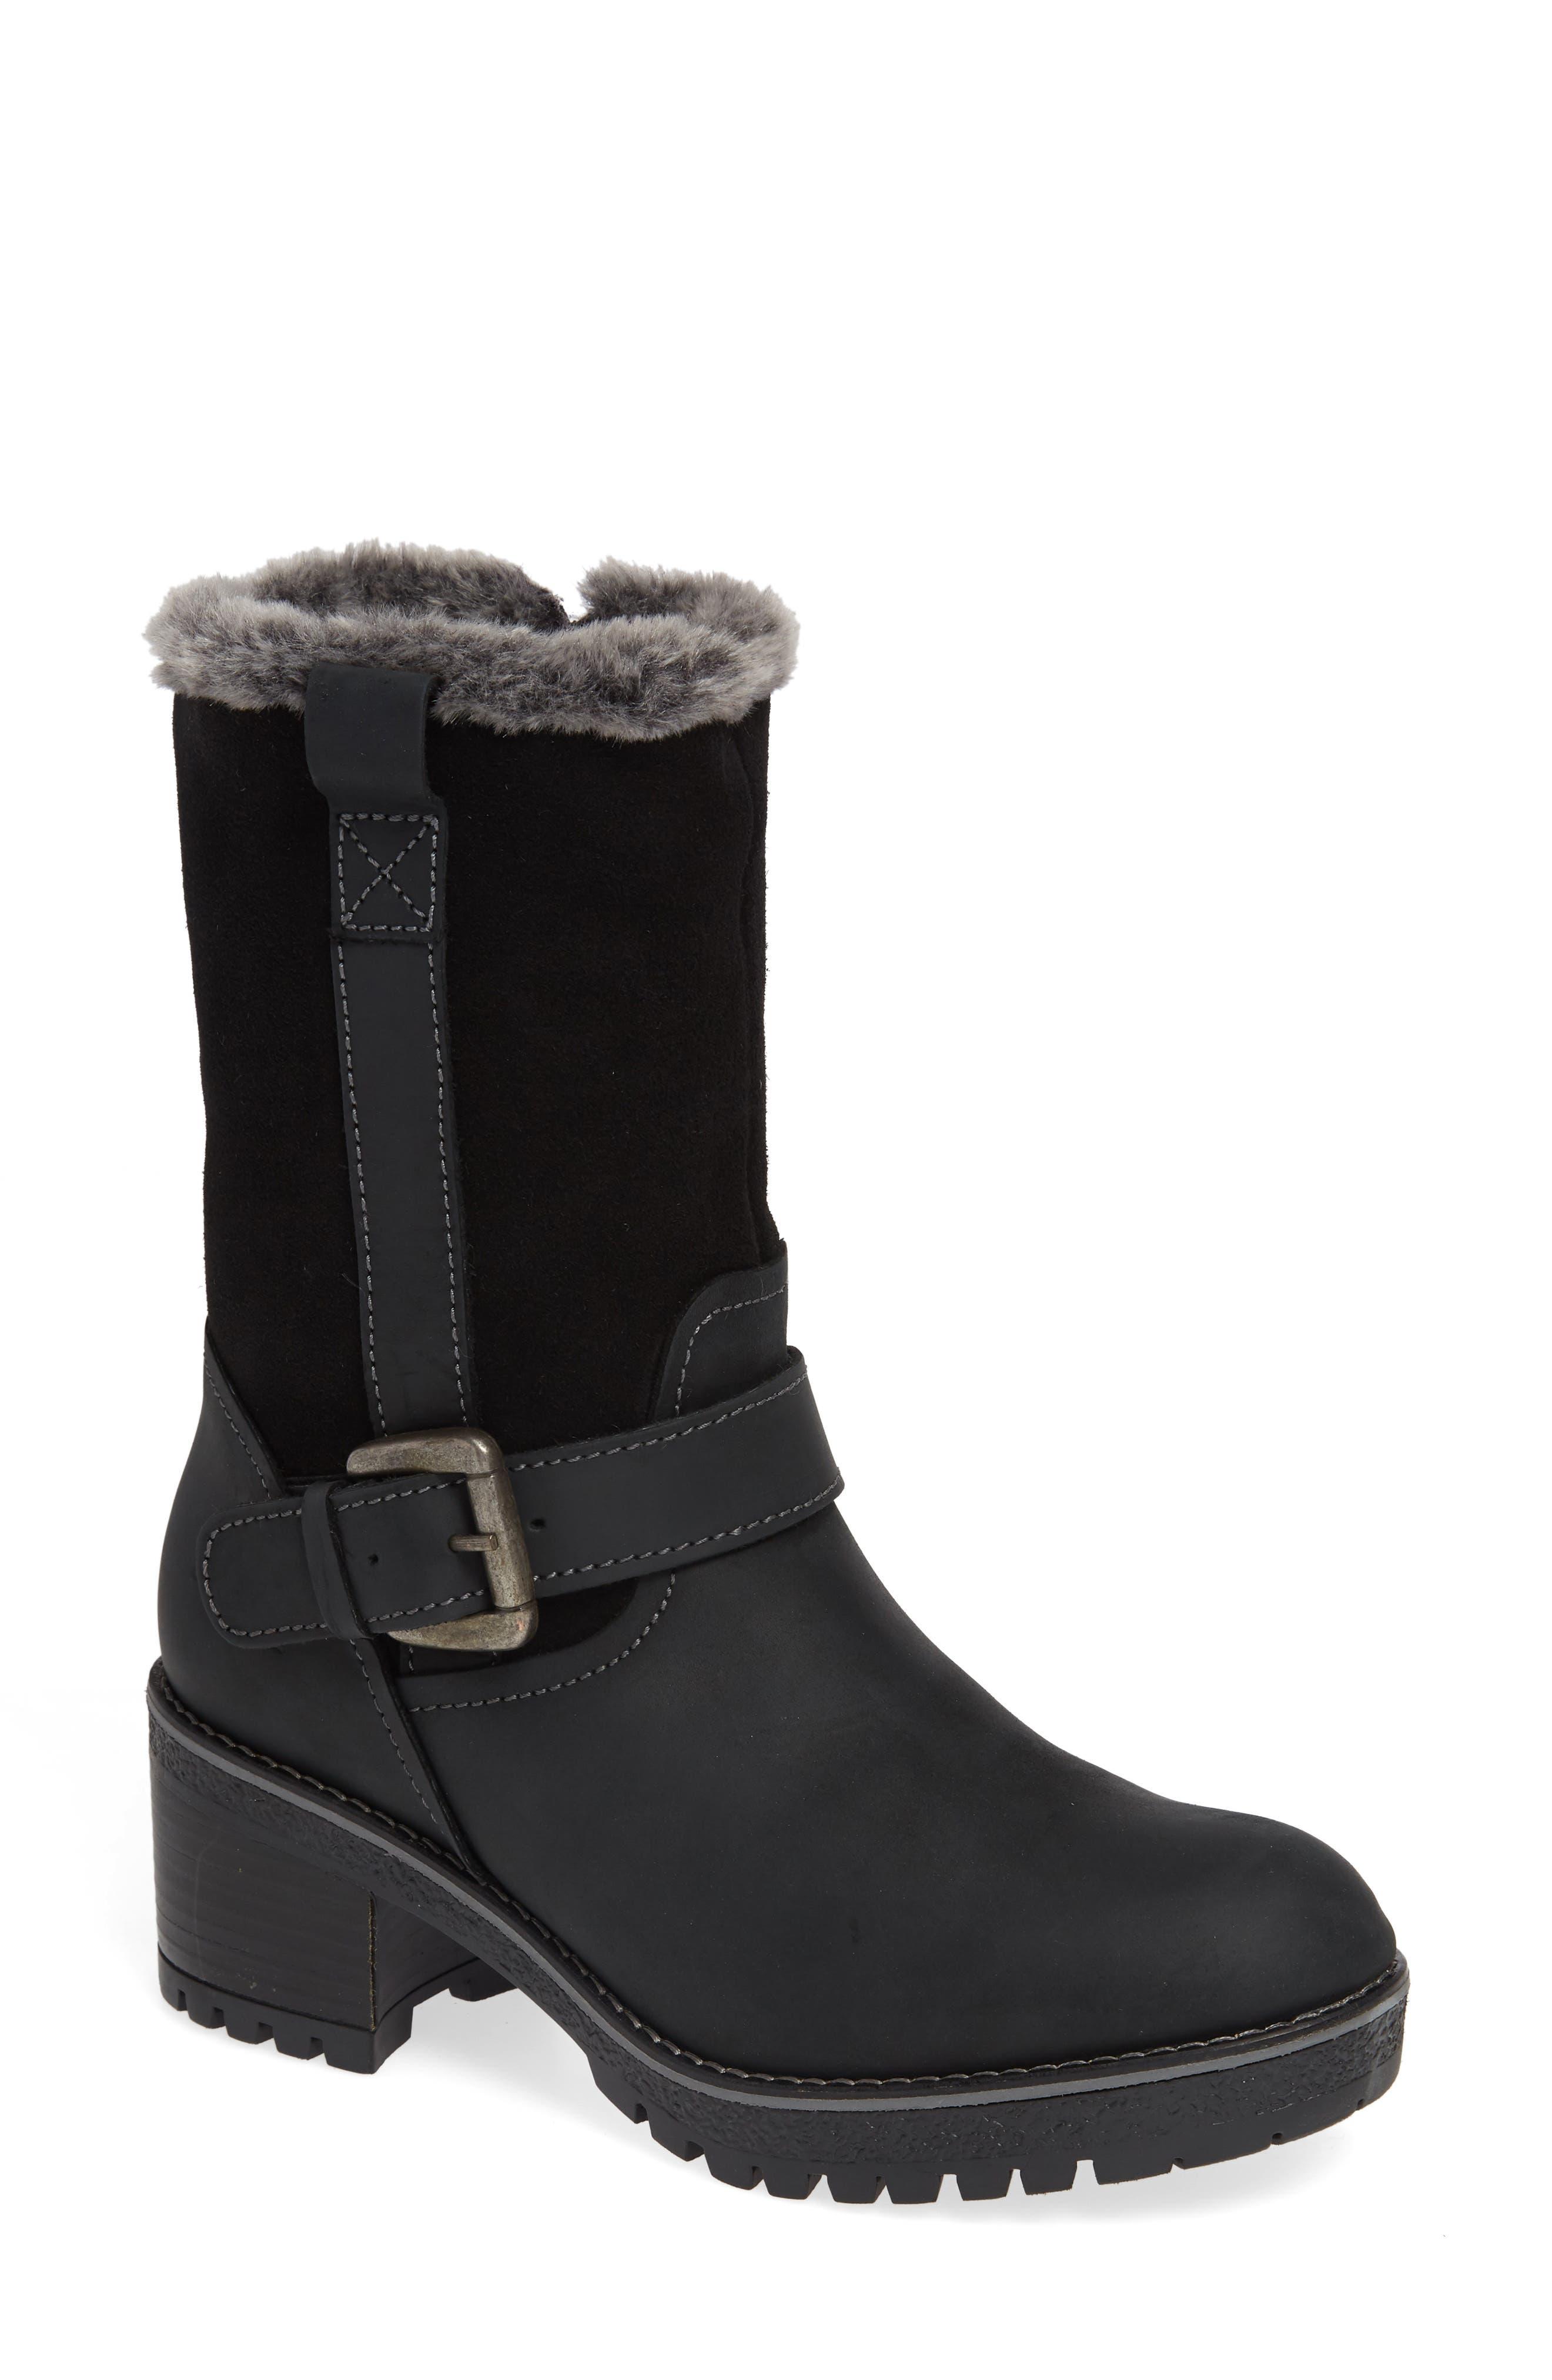 Bos. & Co. Maine Waterproof Boot, Black